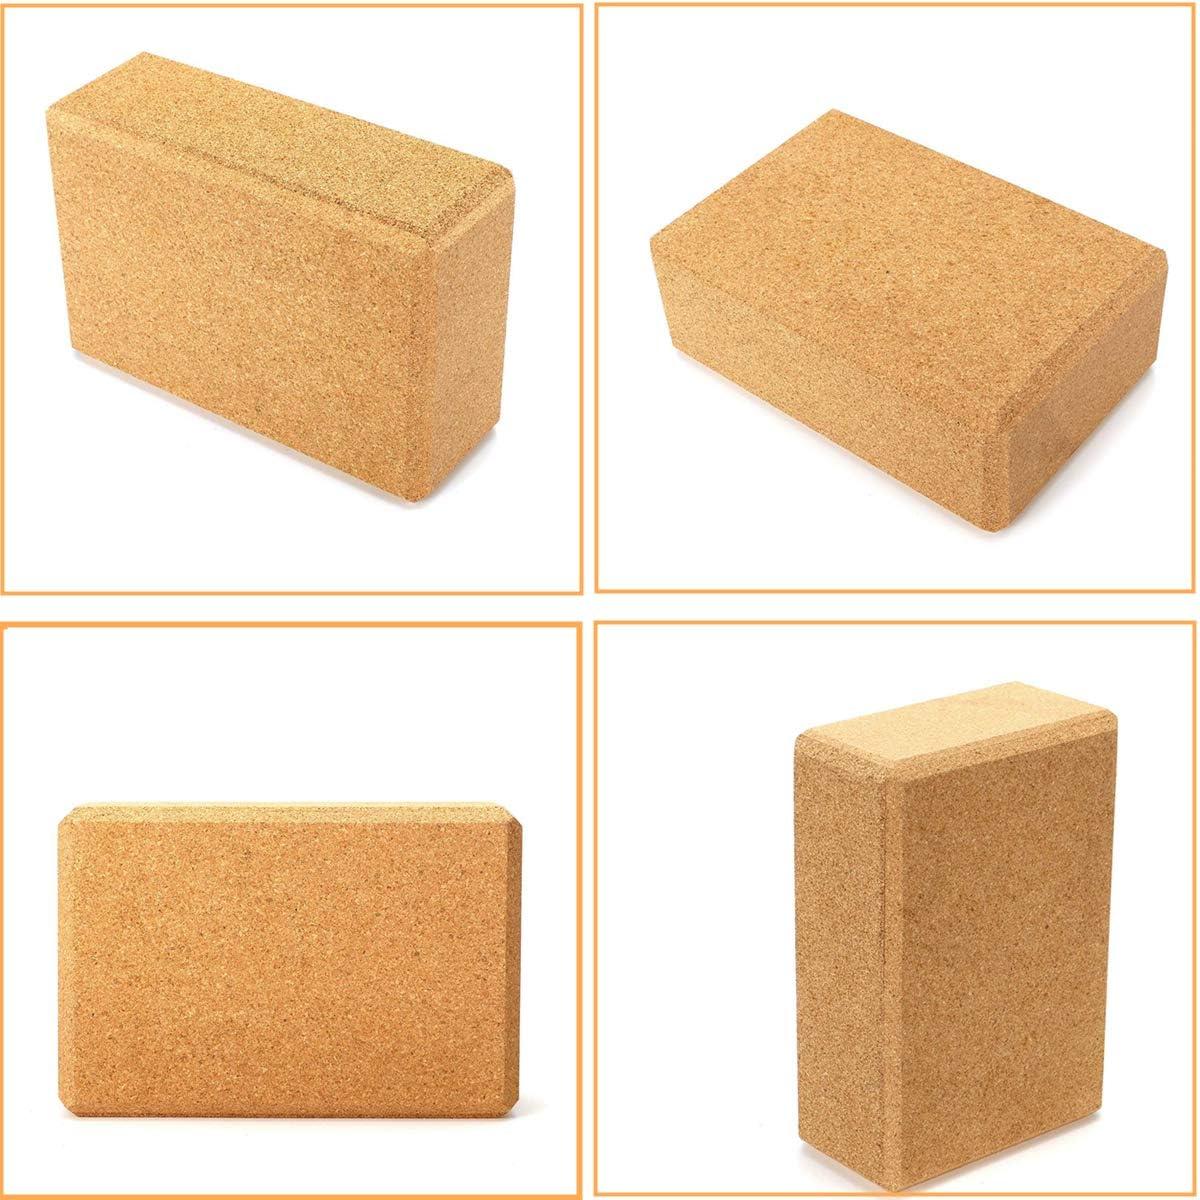 liyuhang Cork Yoga Block Yoga Ziegel Yogaklotz Kork Yoga Zubeh/ör praktische Hilfsmittel f/ür Yoga Yoga Bricks aus Naturkork Yoga Blocks